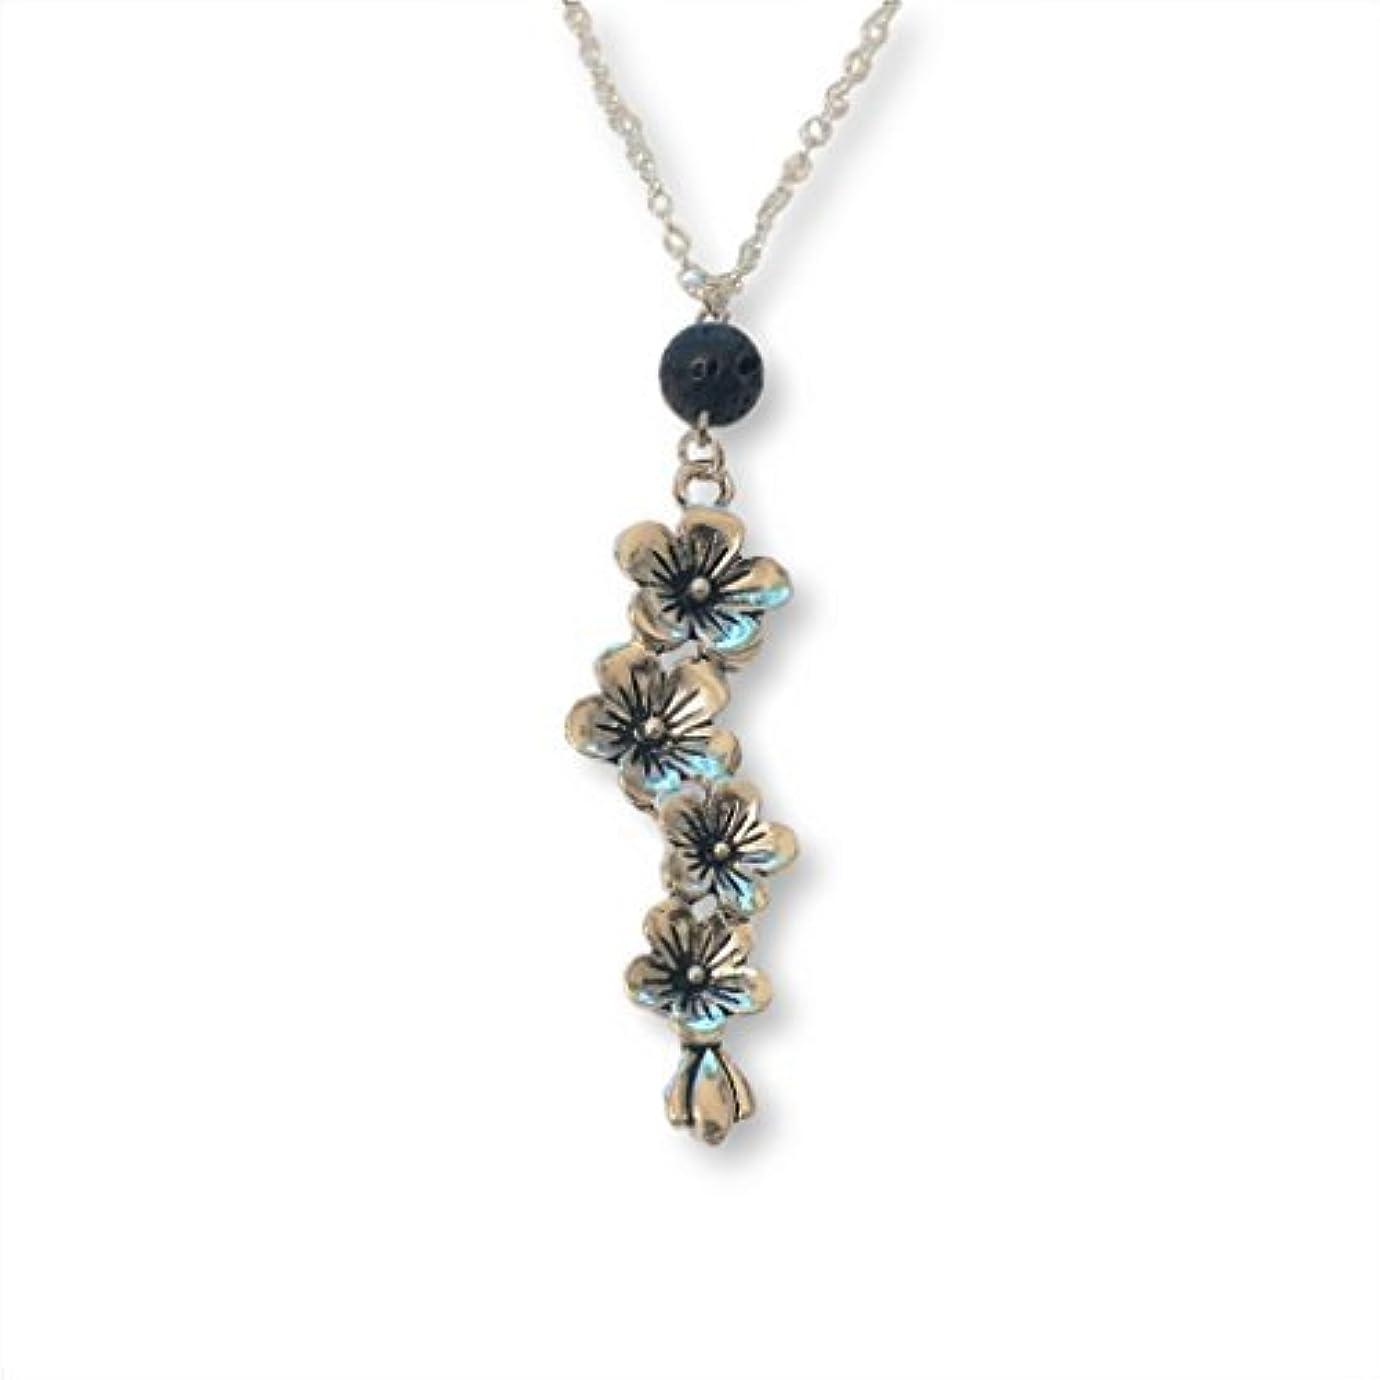 ゴミ屋内で高めるPlum and Cherry Blossom Flower Aromatherapy Necklace Essential Oil Diffuser Lava Stone Pendant Jewelry [並行輸入品]